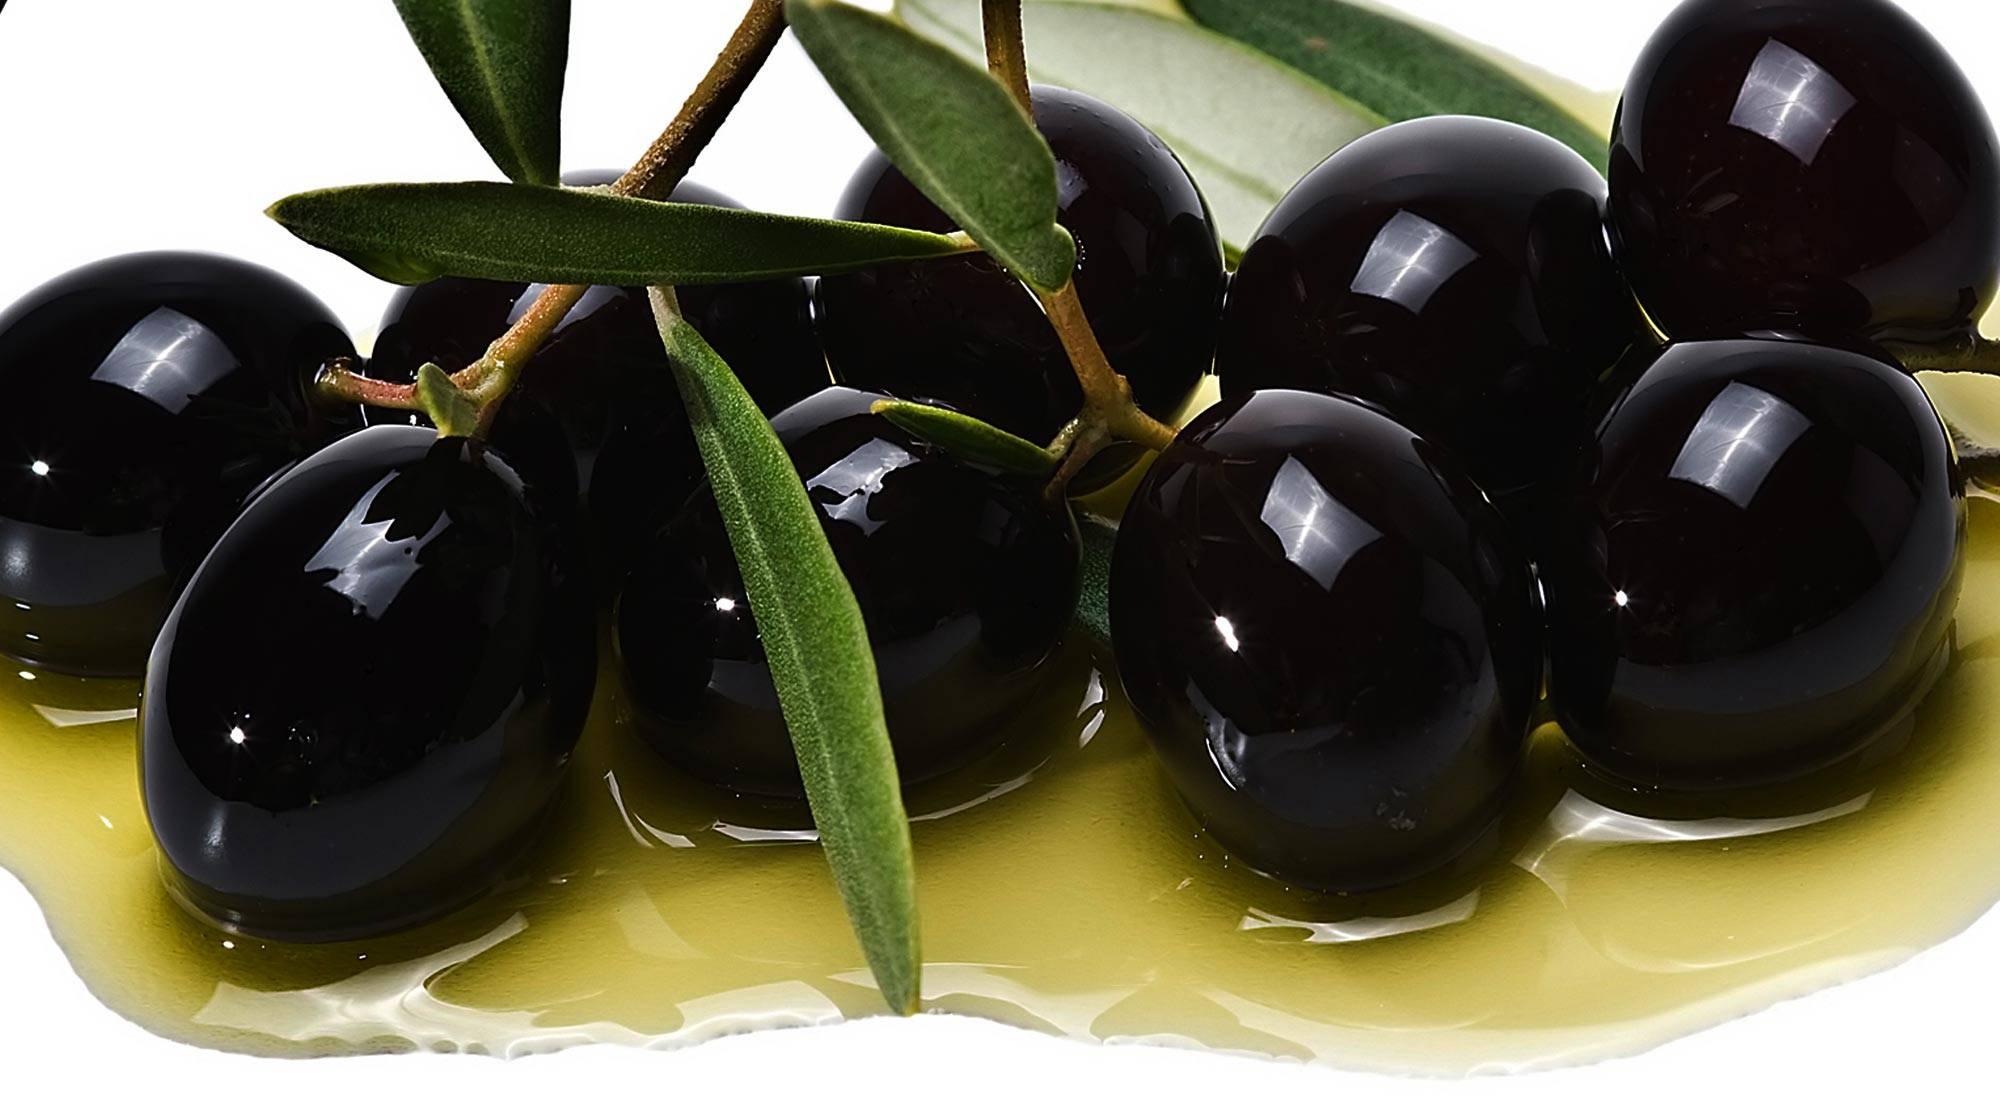 Польза оливок для организма